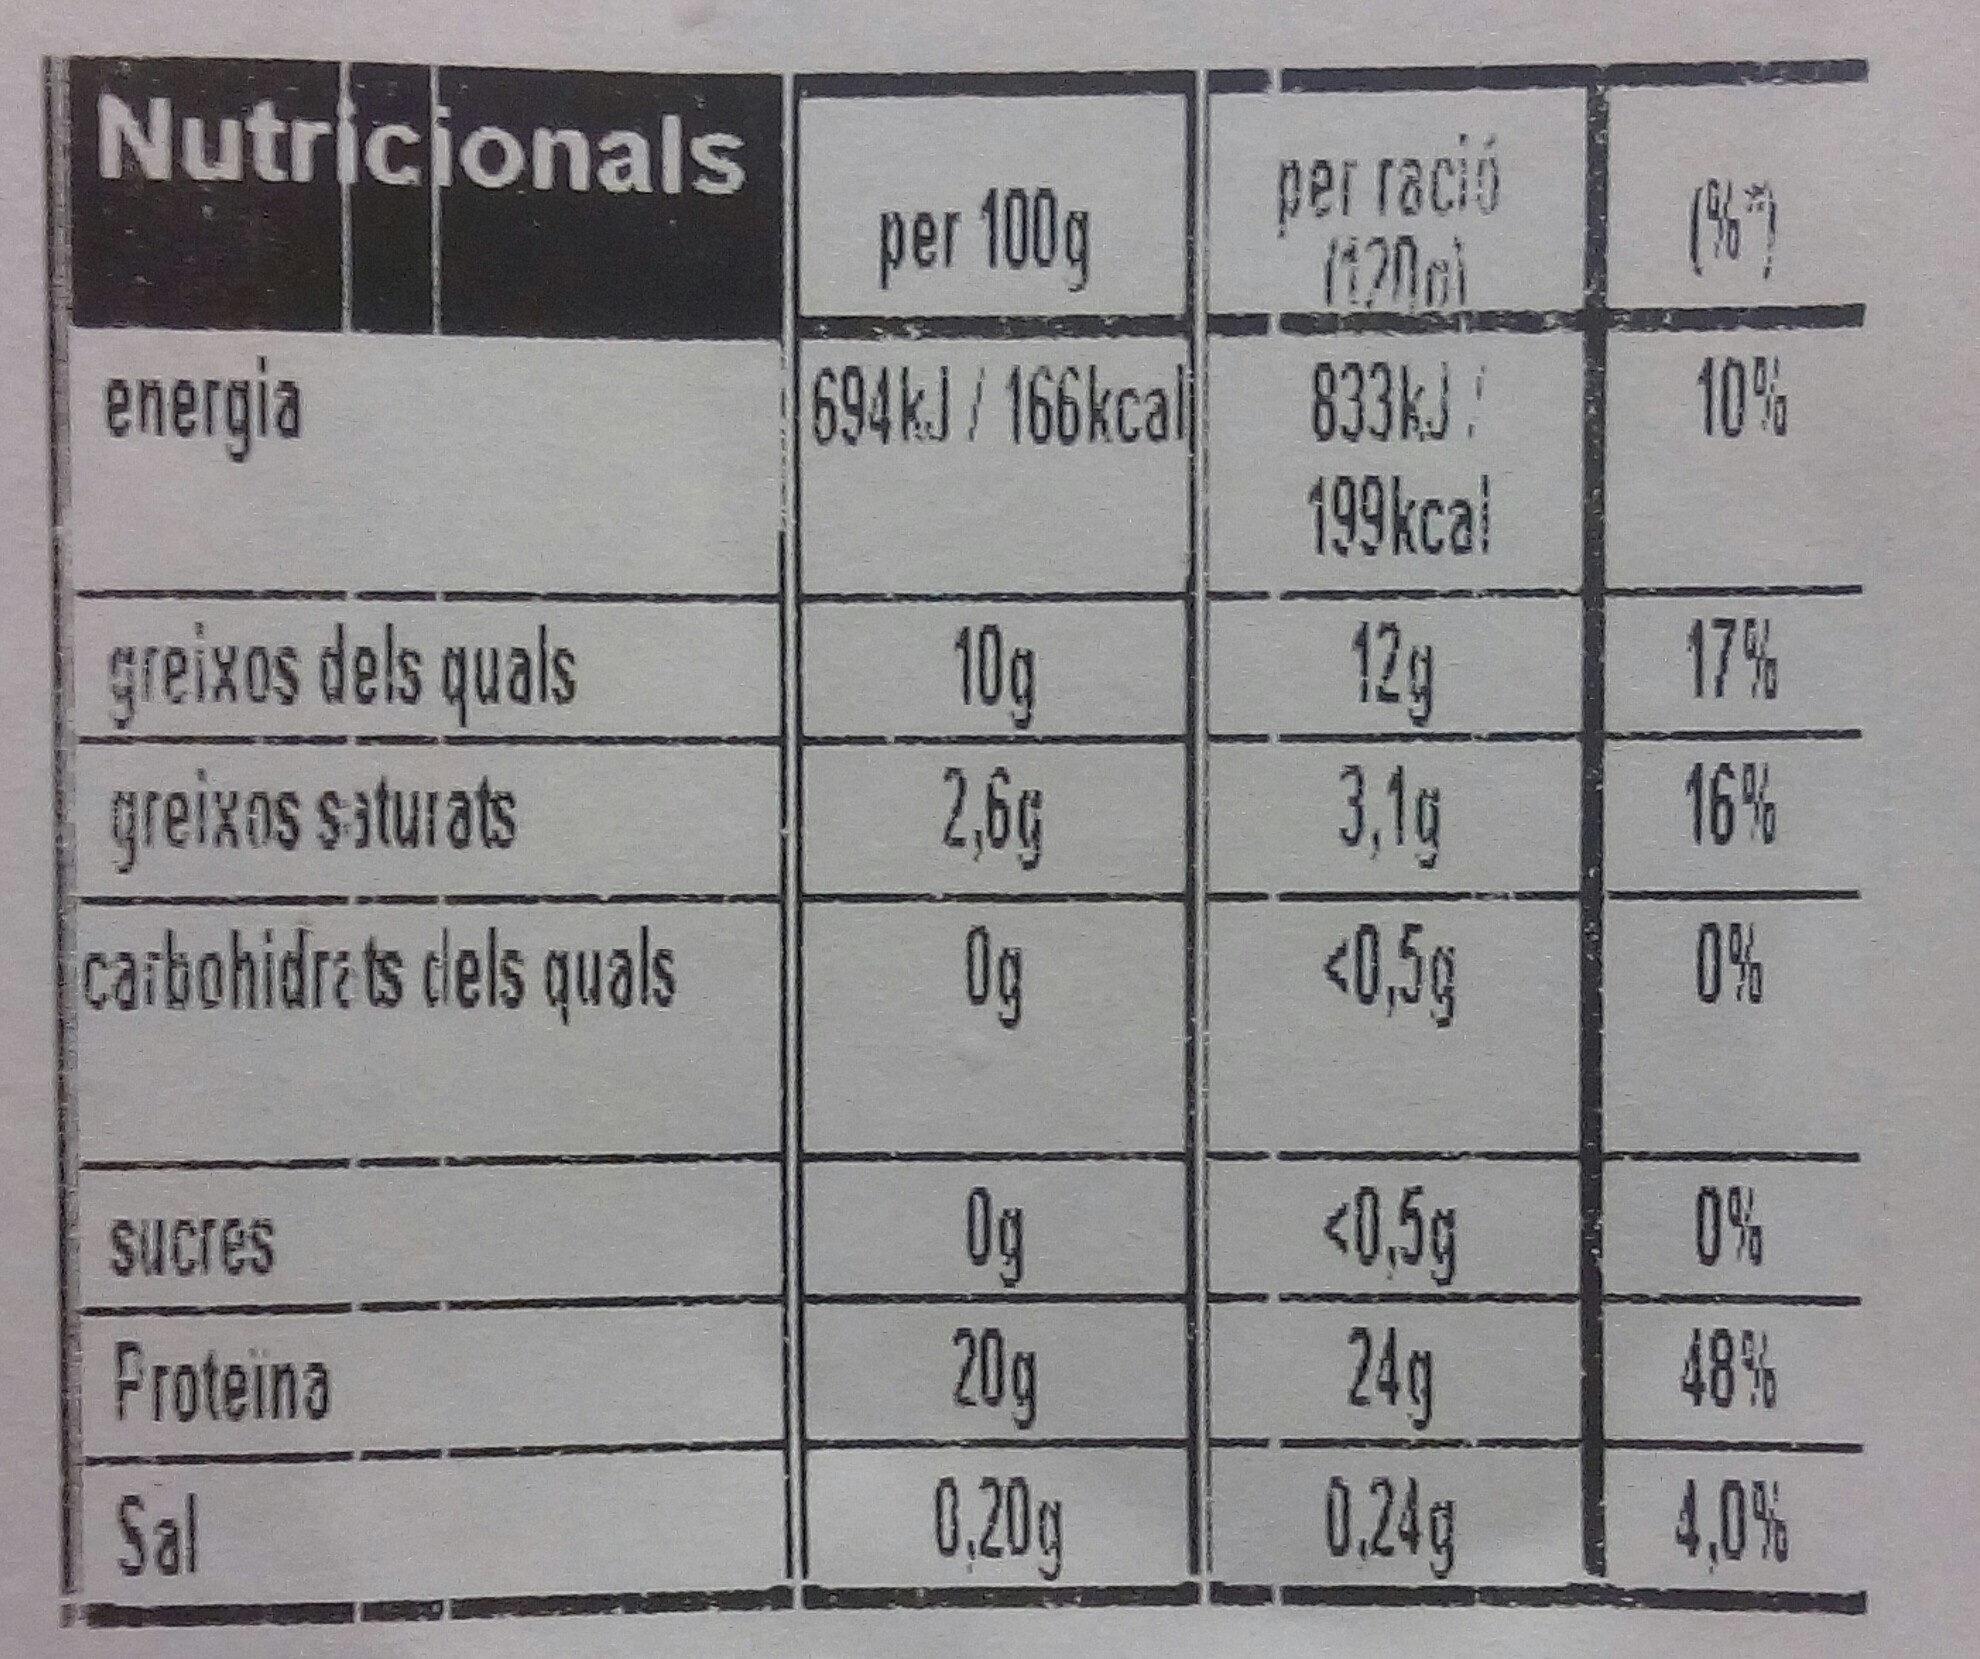 Filet de pollastre - Nutrition facts